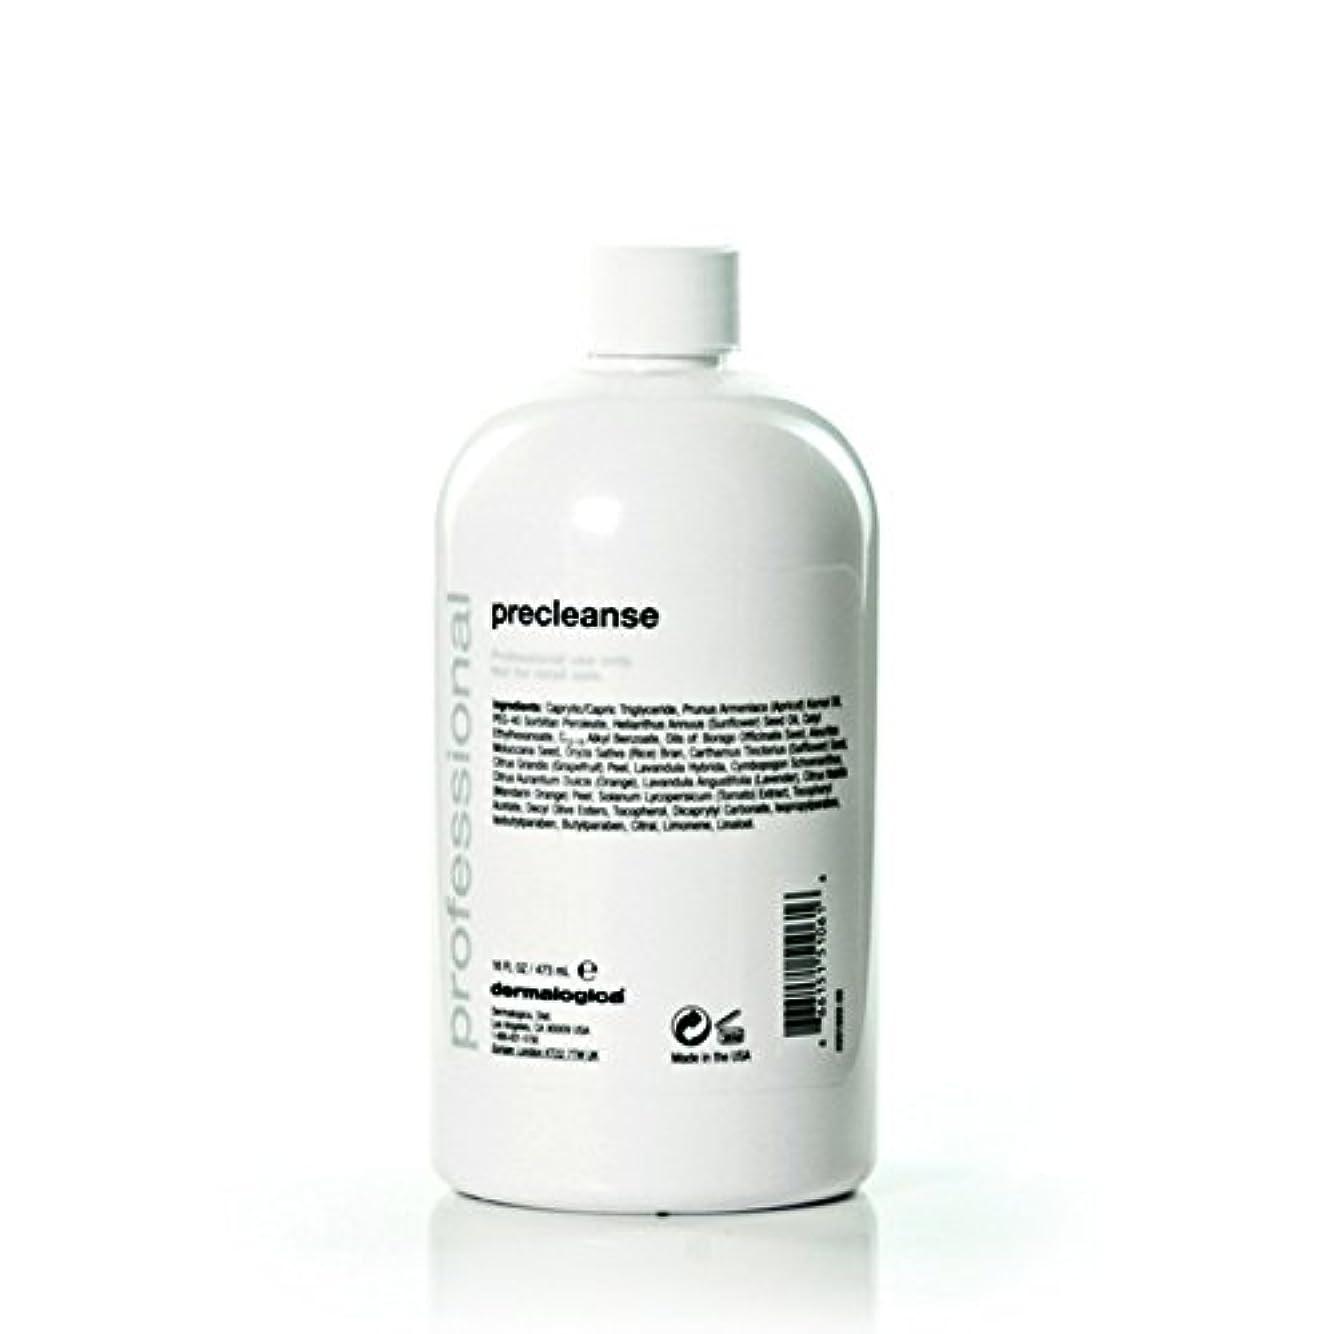 空気硬化する定期的ダーマロジカ PreCleanse PRO (Salon Size) 473ml/16oz並行輸入品